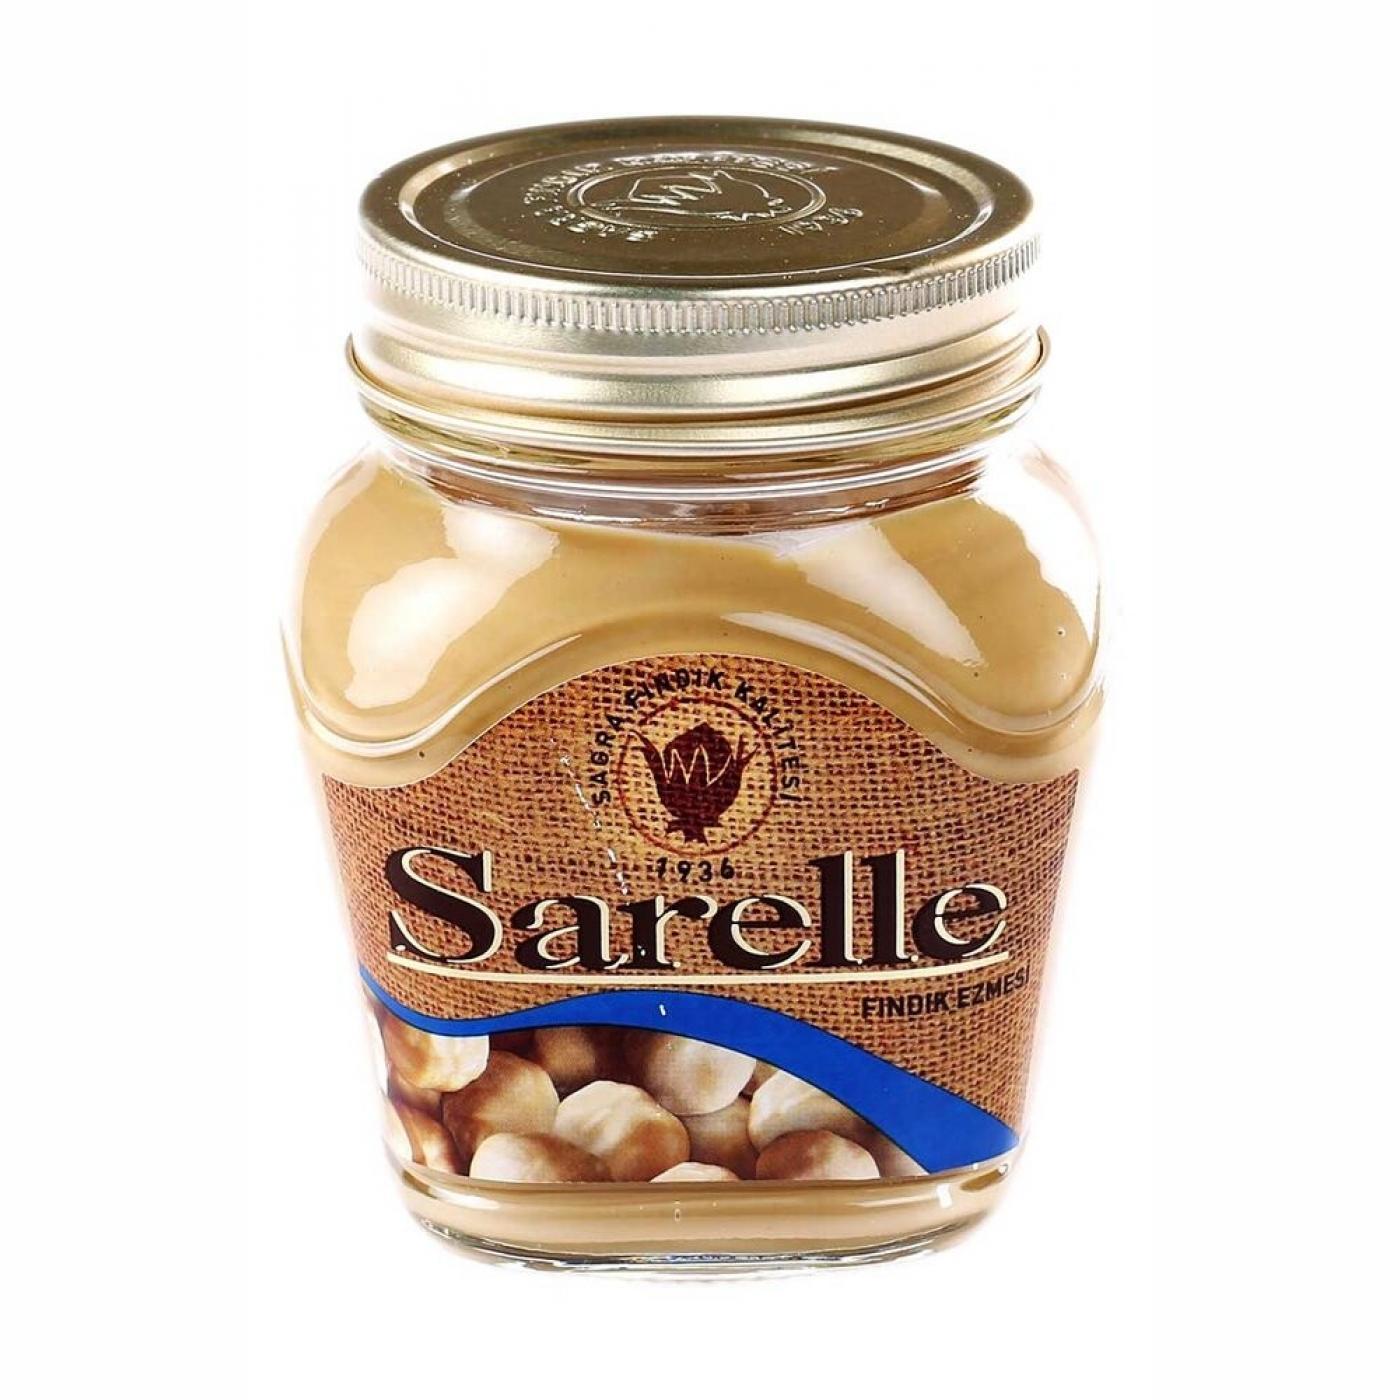 SARELLE 350GR FINDIK EZME